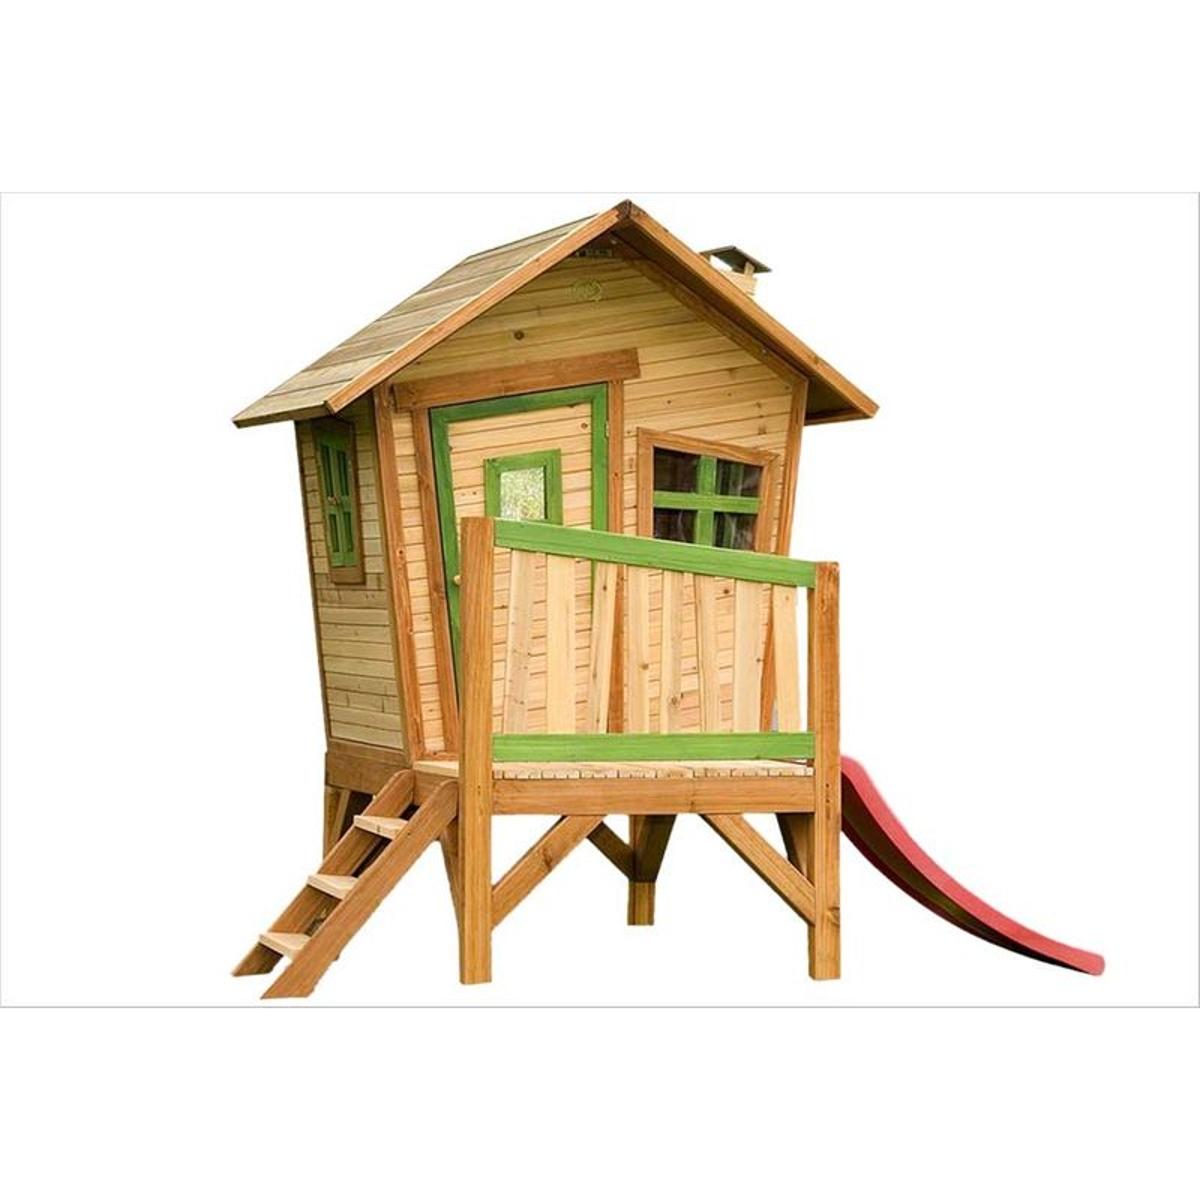 Cabane en bois sur pilotis Robin